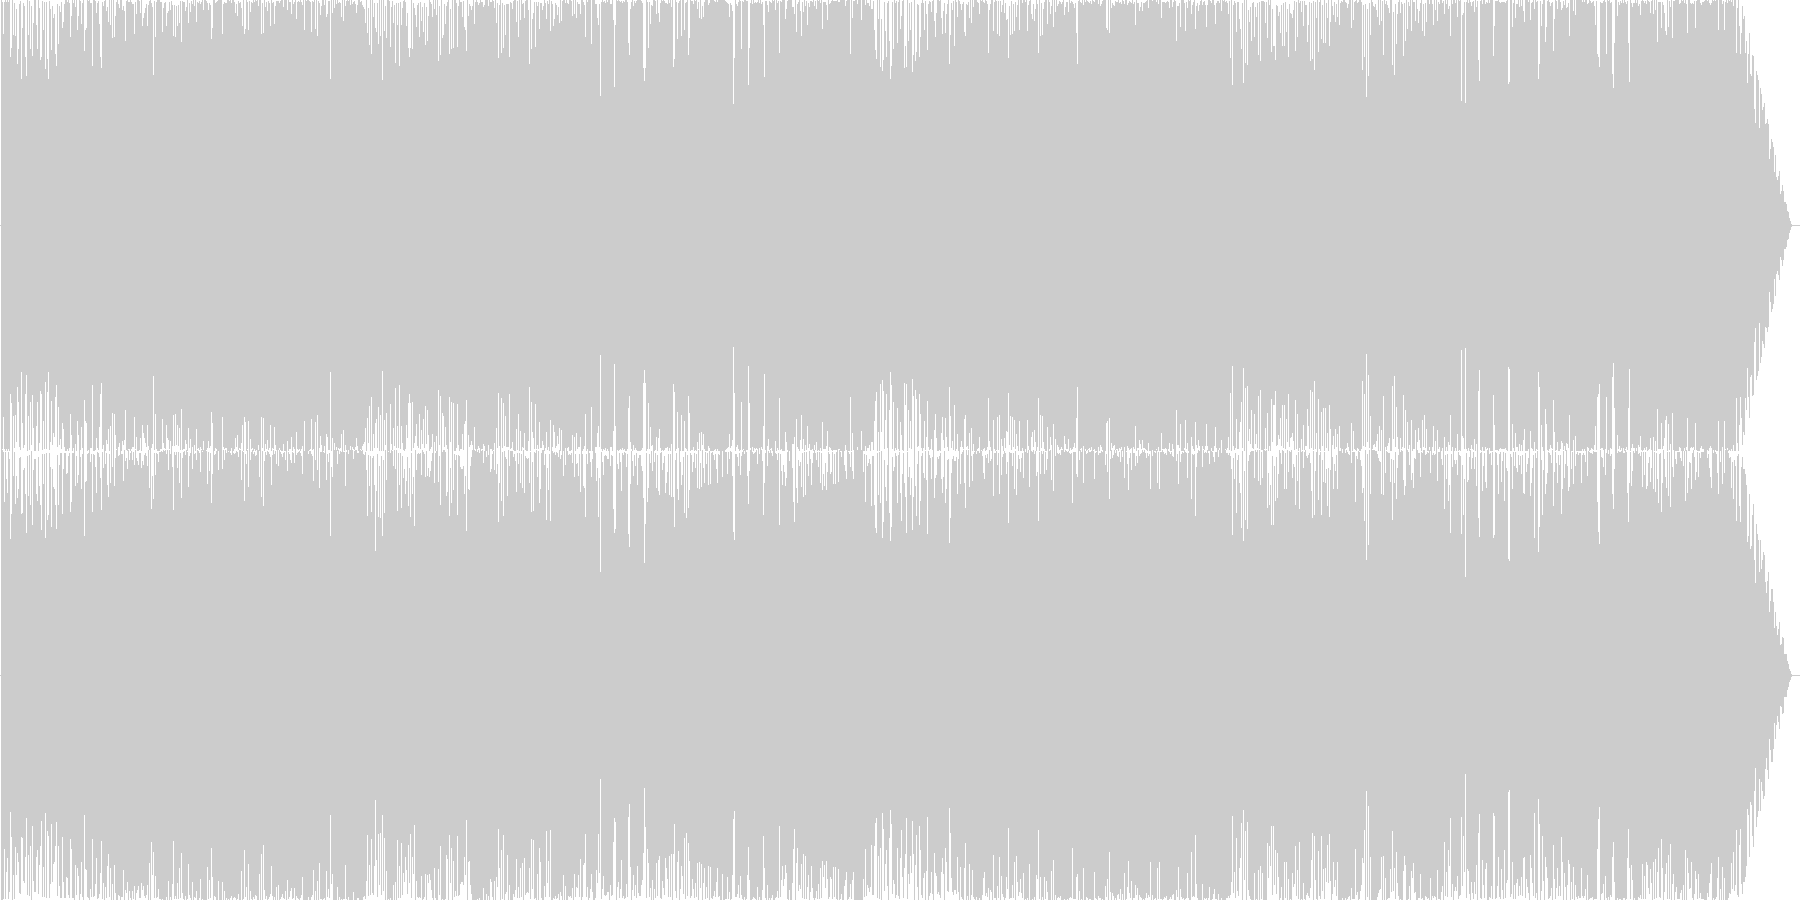 ゴシック調バイオリン主体のロックな戦闘曲の未再生の波形